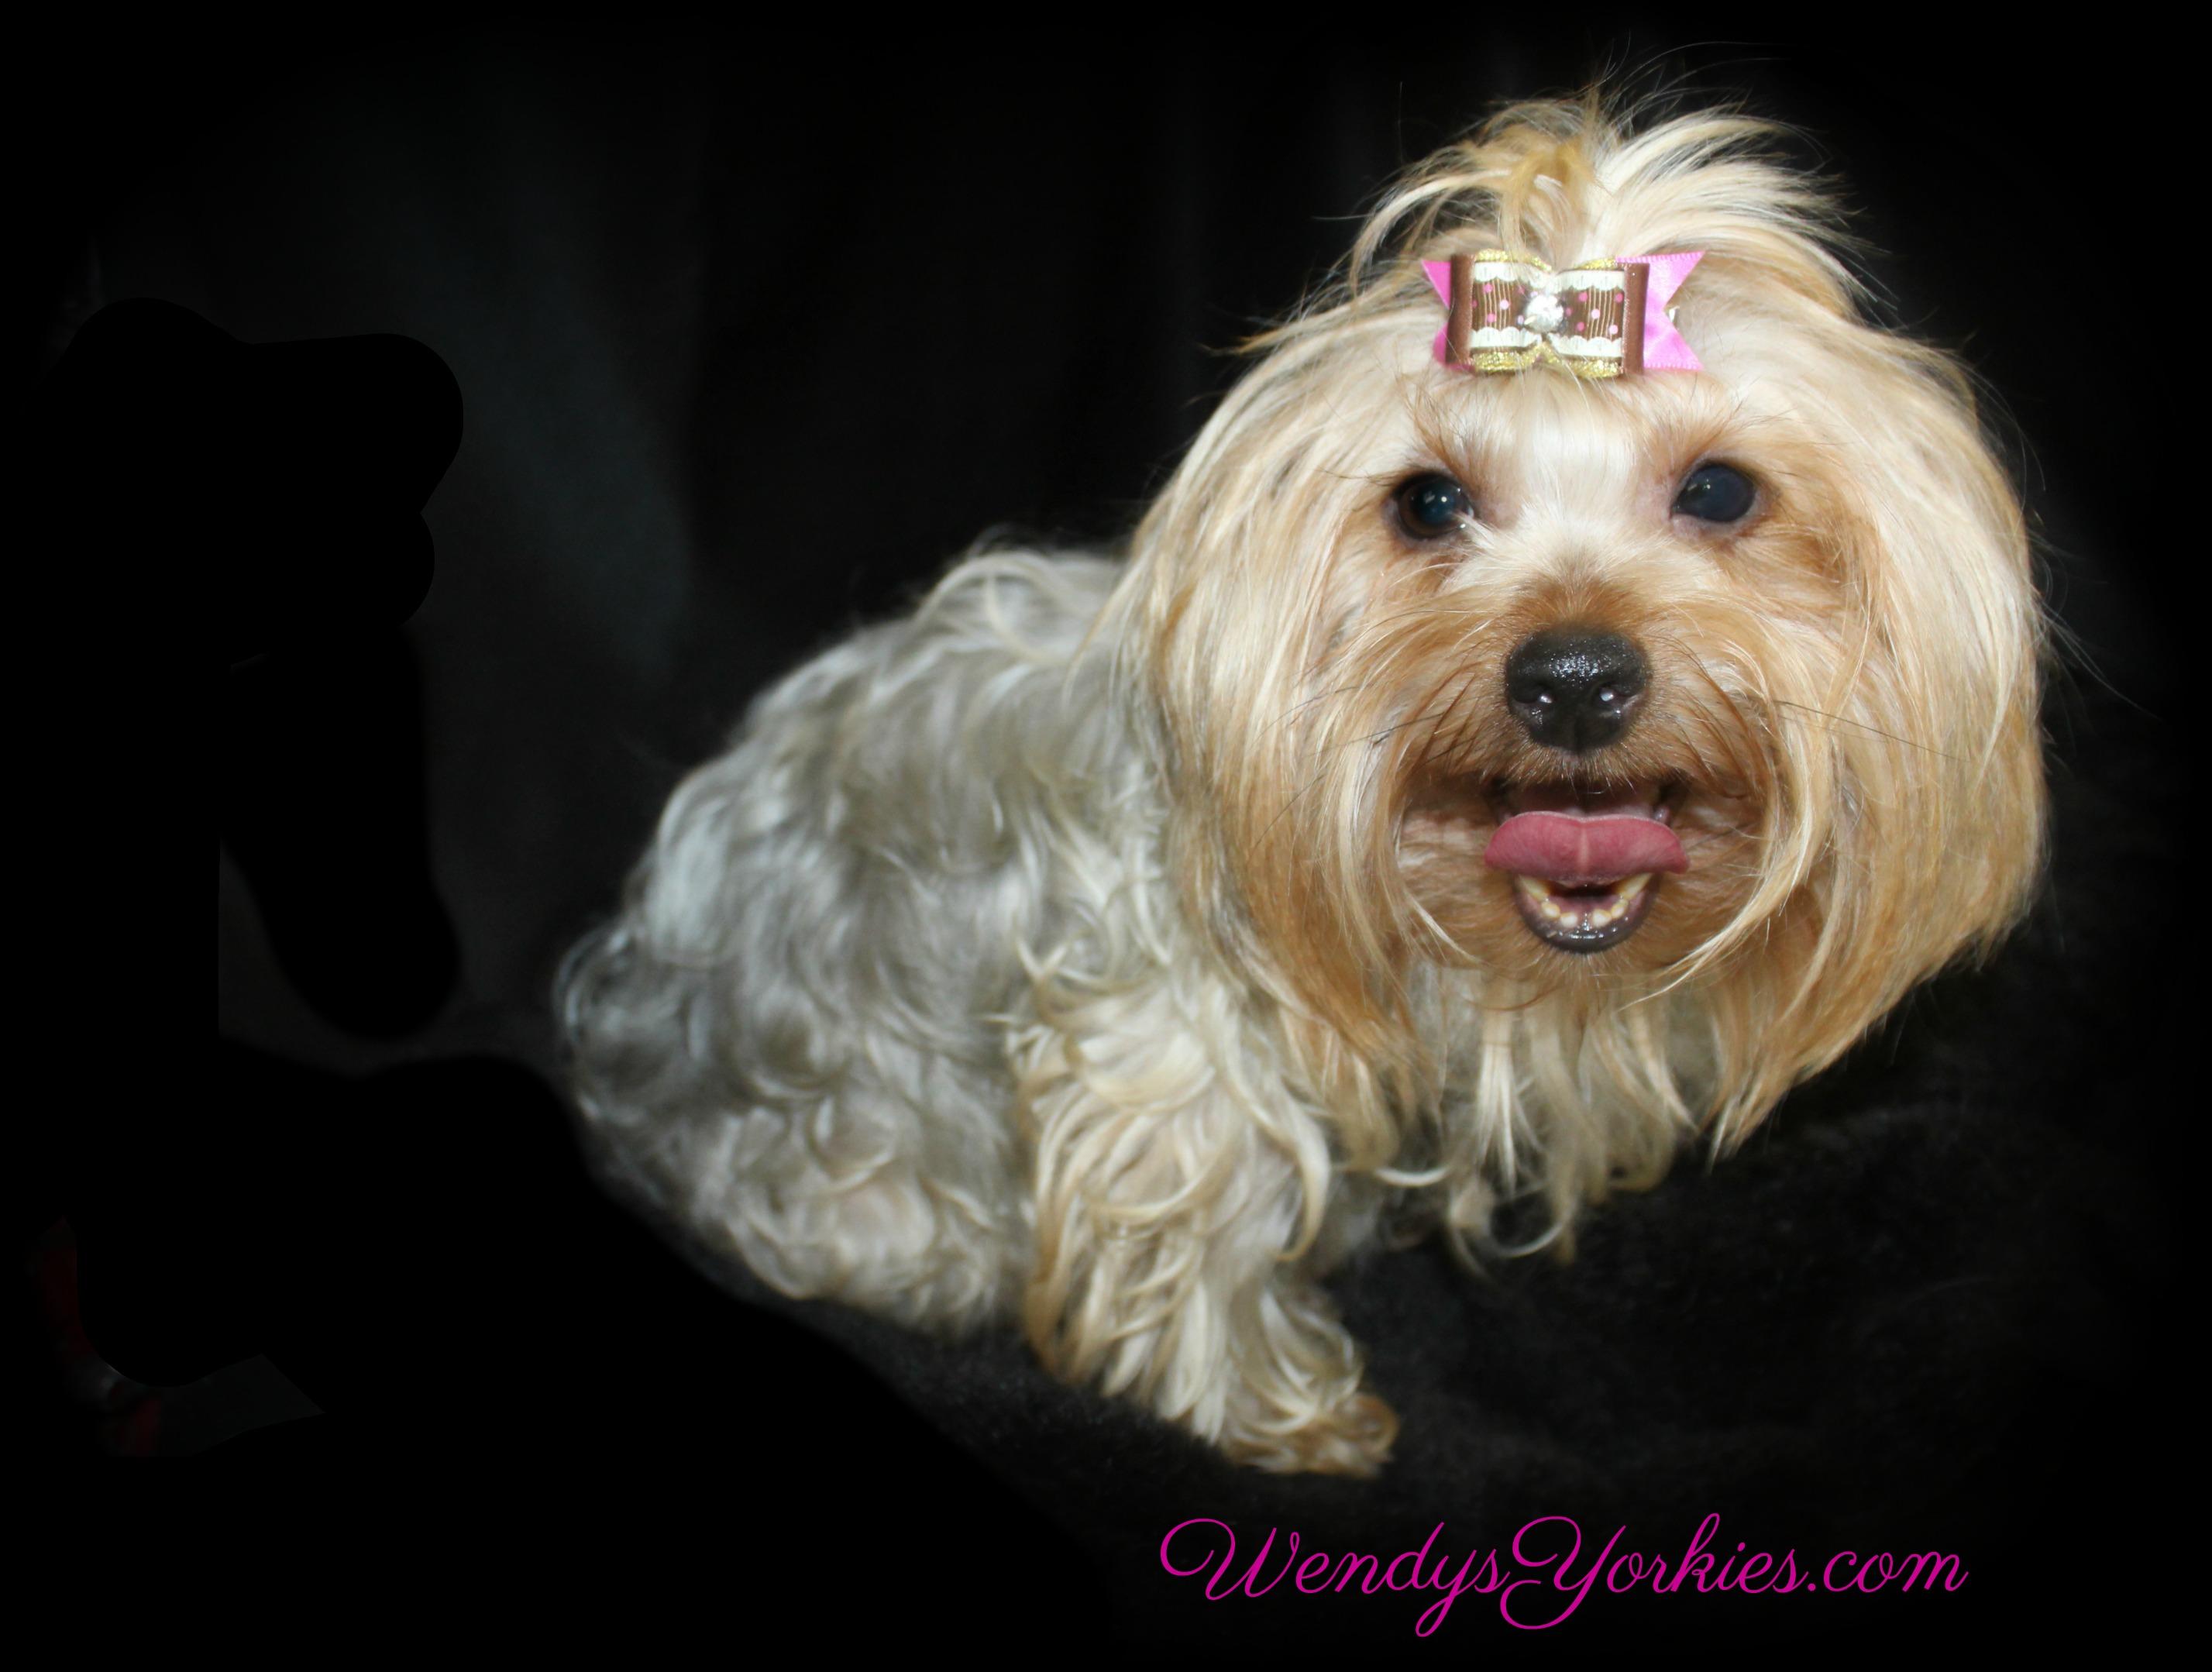 WendysYorkies.com, Yorkie puppy breeder in Texas